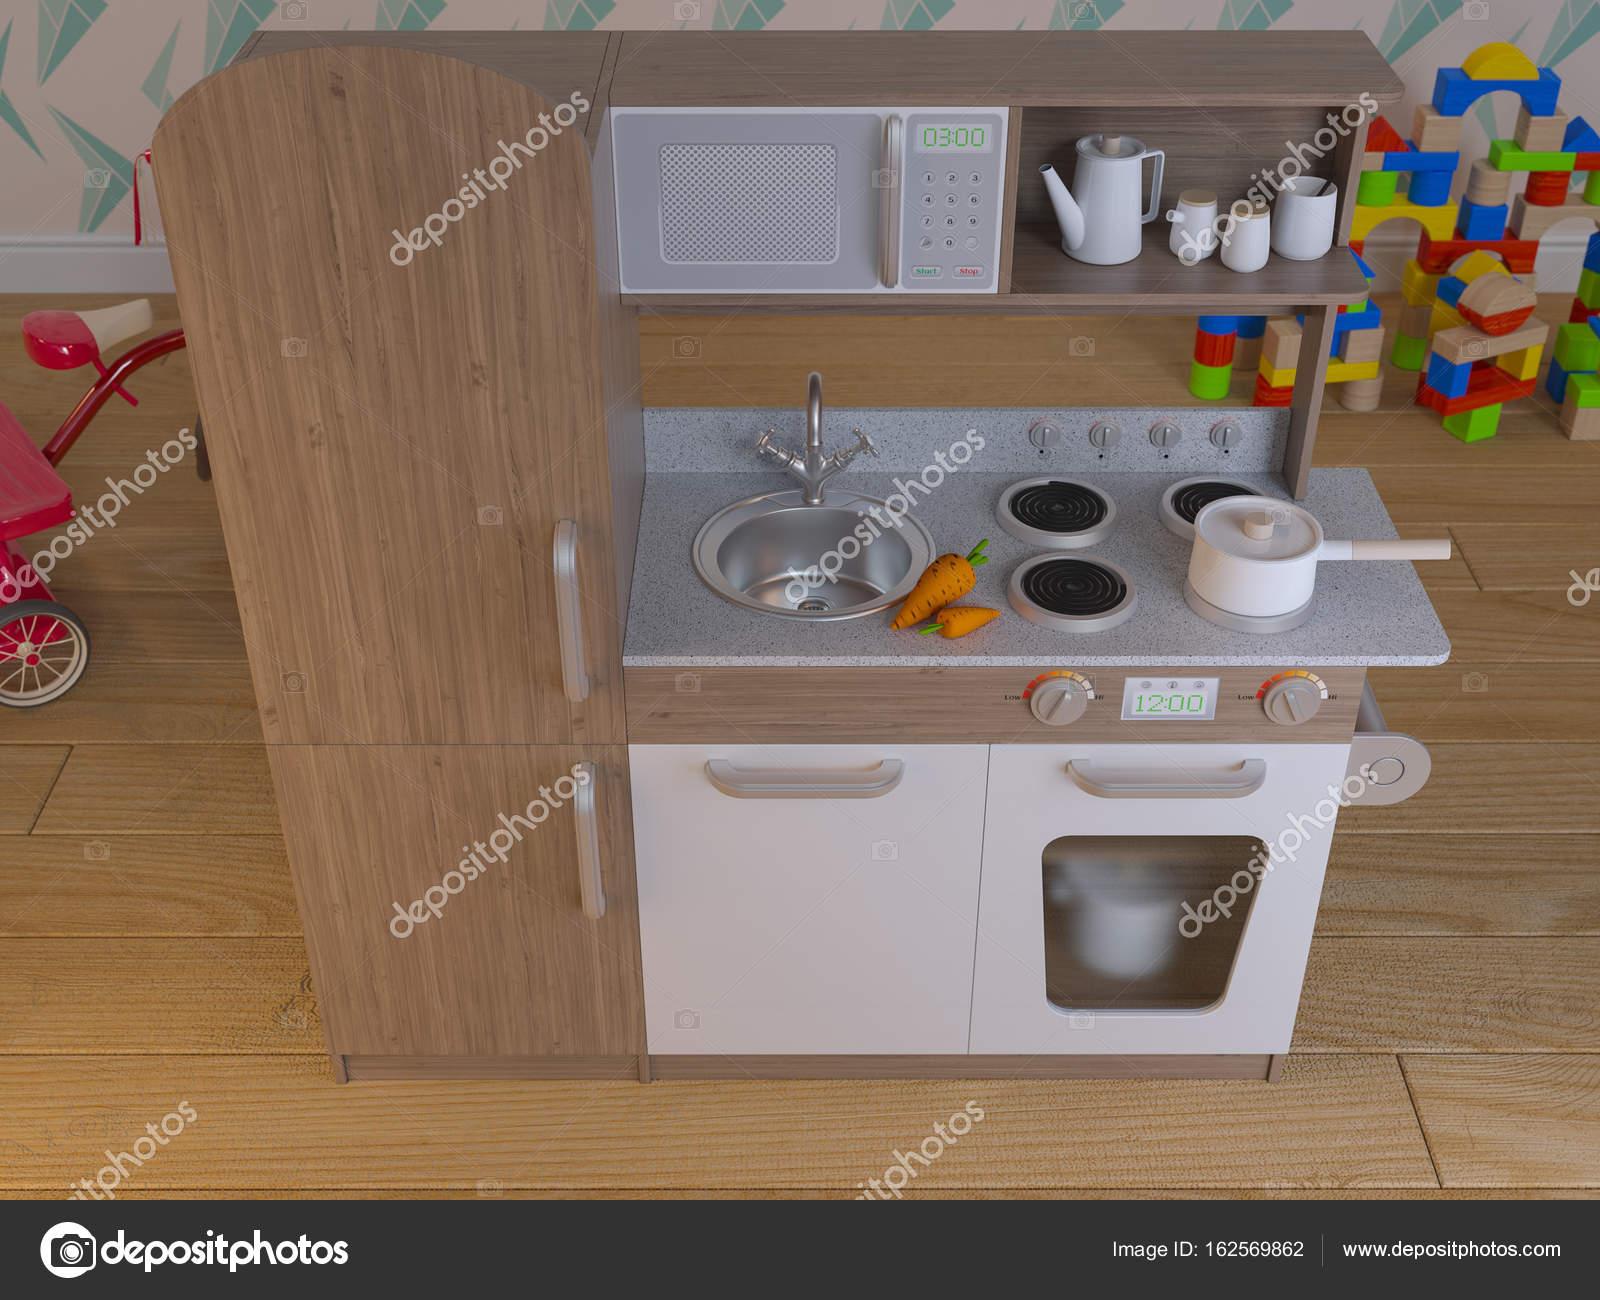 Juego los niños cocina diseño interior con accesorios — Foto de ...